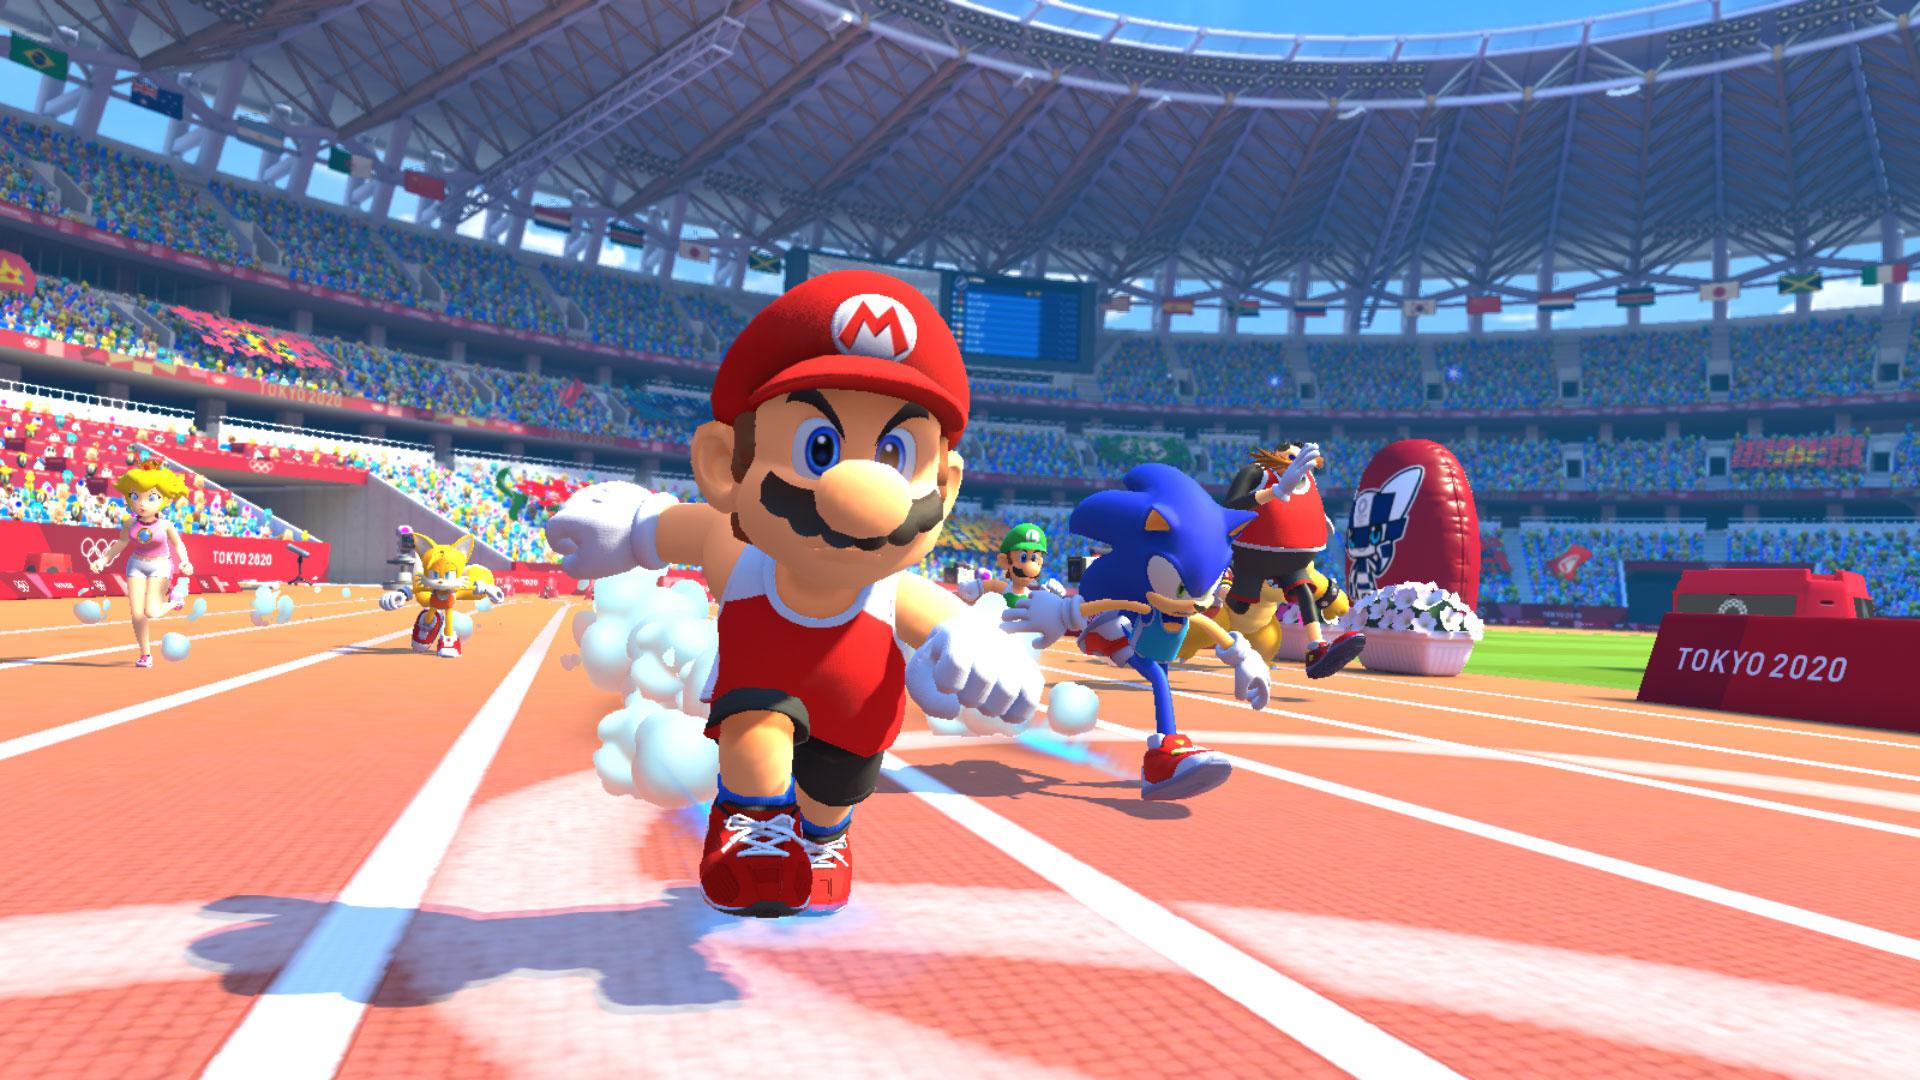 SEGA e Atlus anunciam a line-up de jogos para a E3 2019, Mario & Sonic at the Olympic Games Tokyo 2020 estará presente